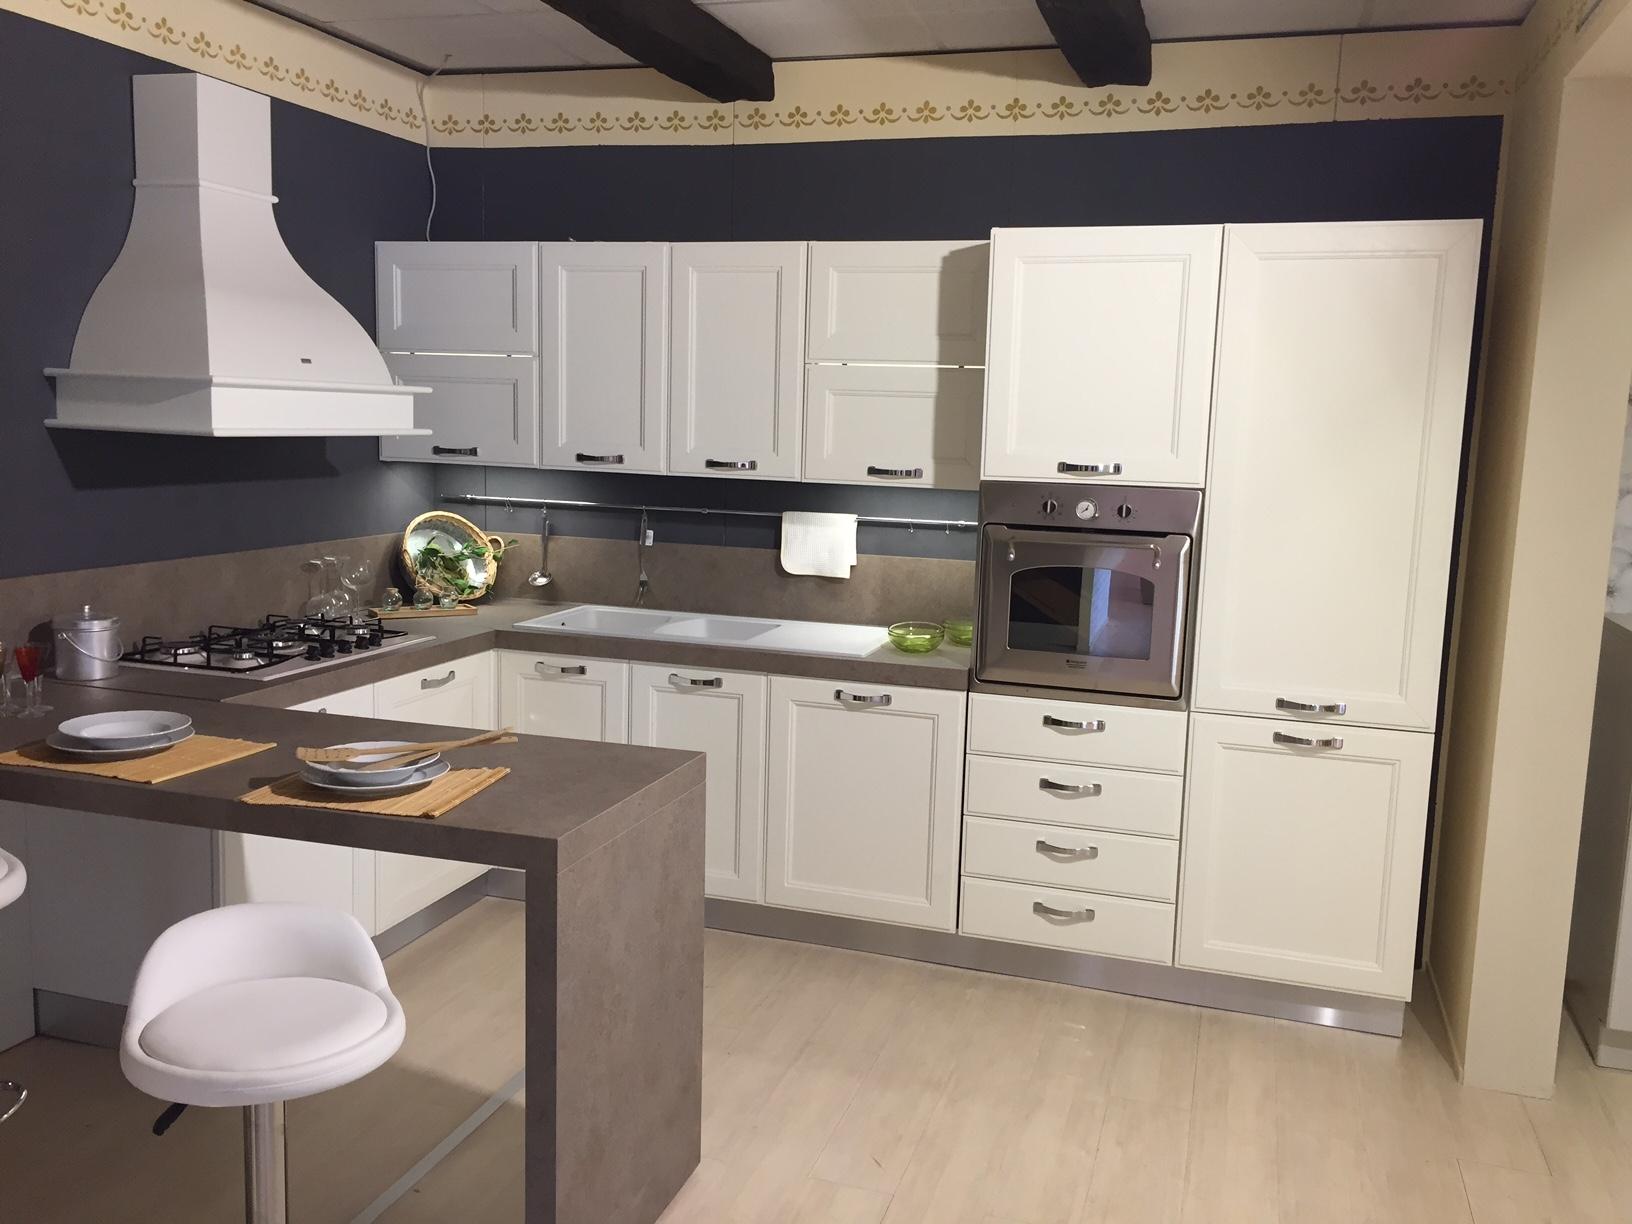 Cucina con penisola di ged cucine modello kate scontata - Cucine ad angolo con penisola ...